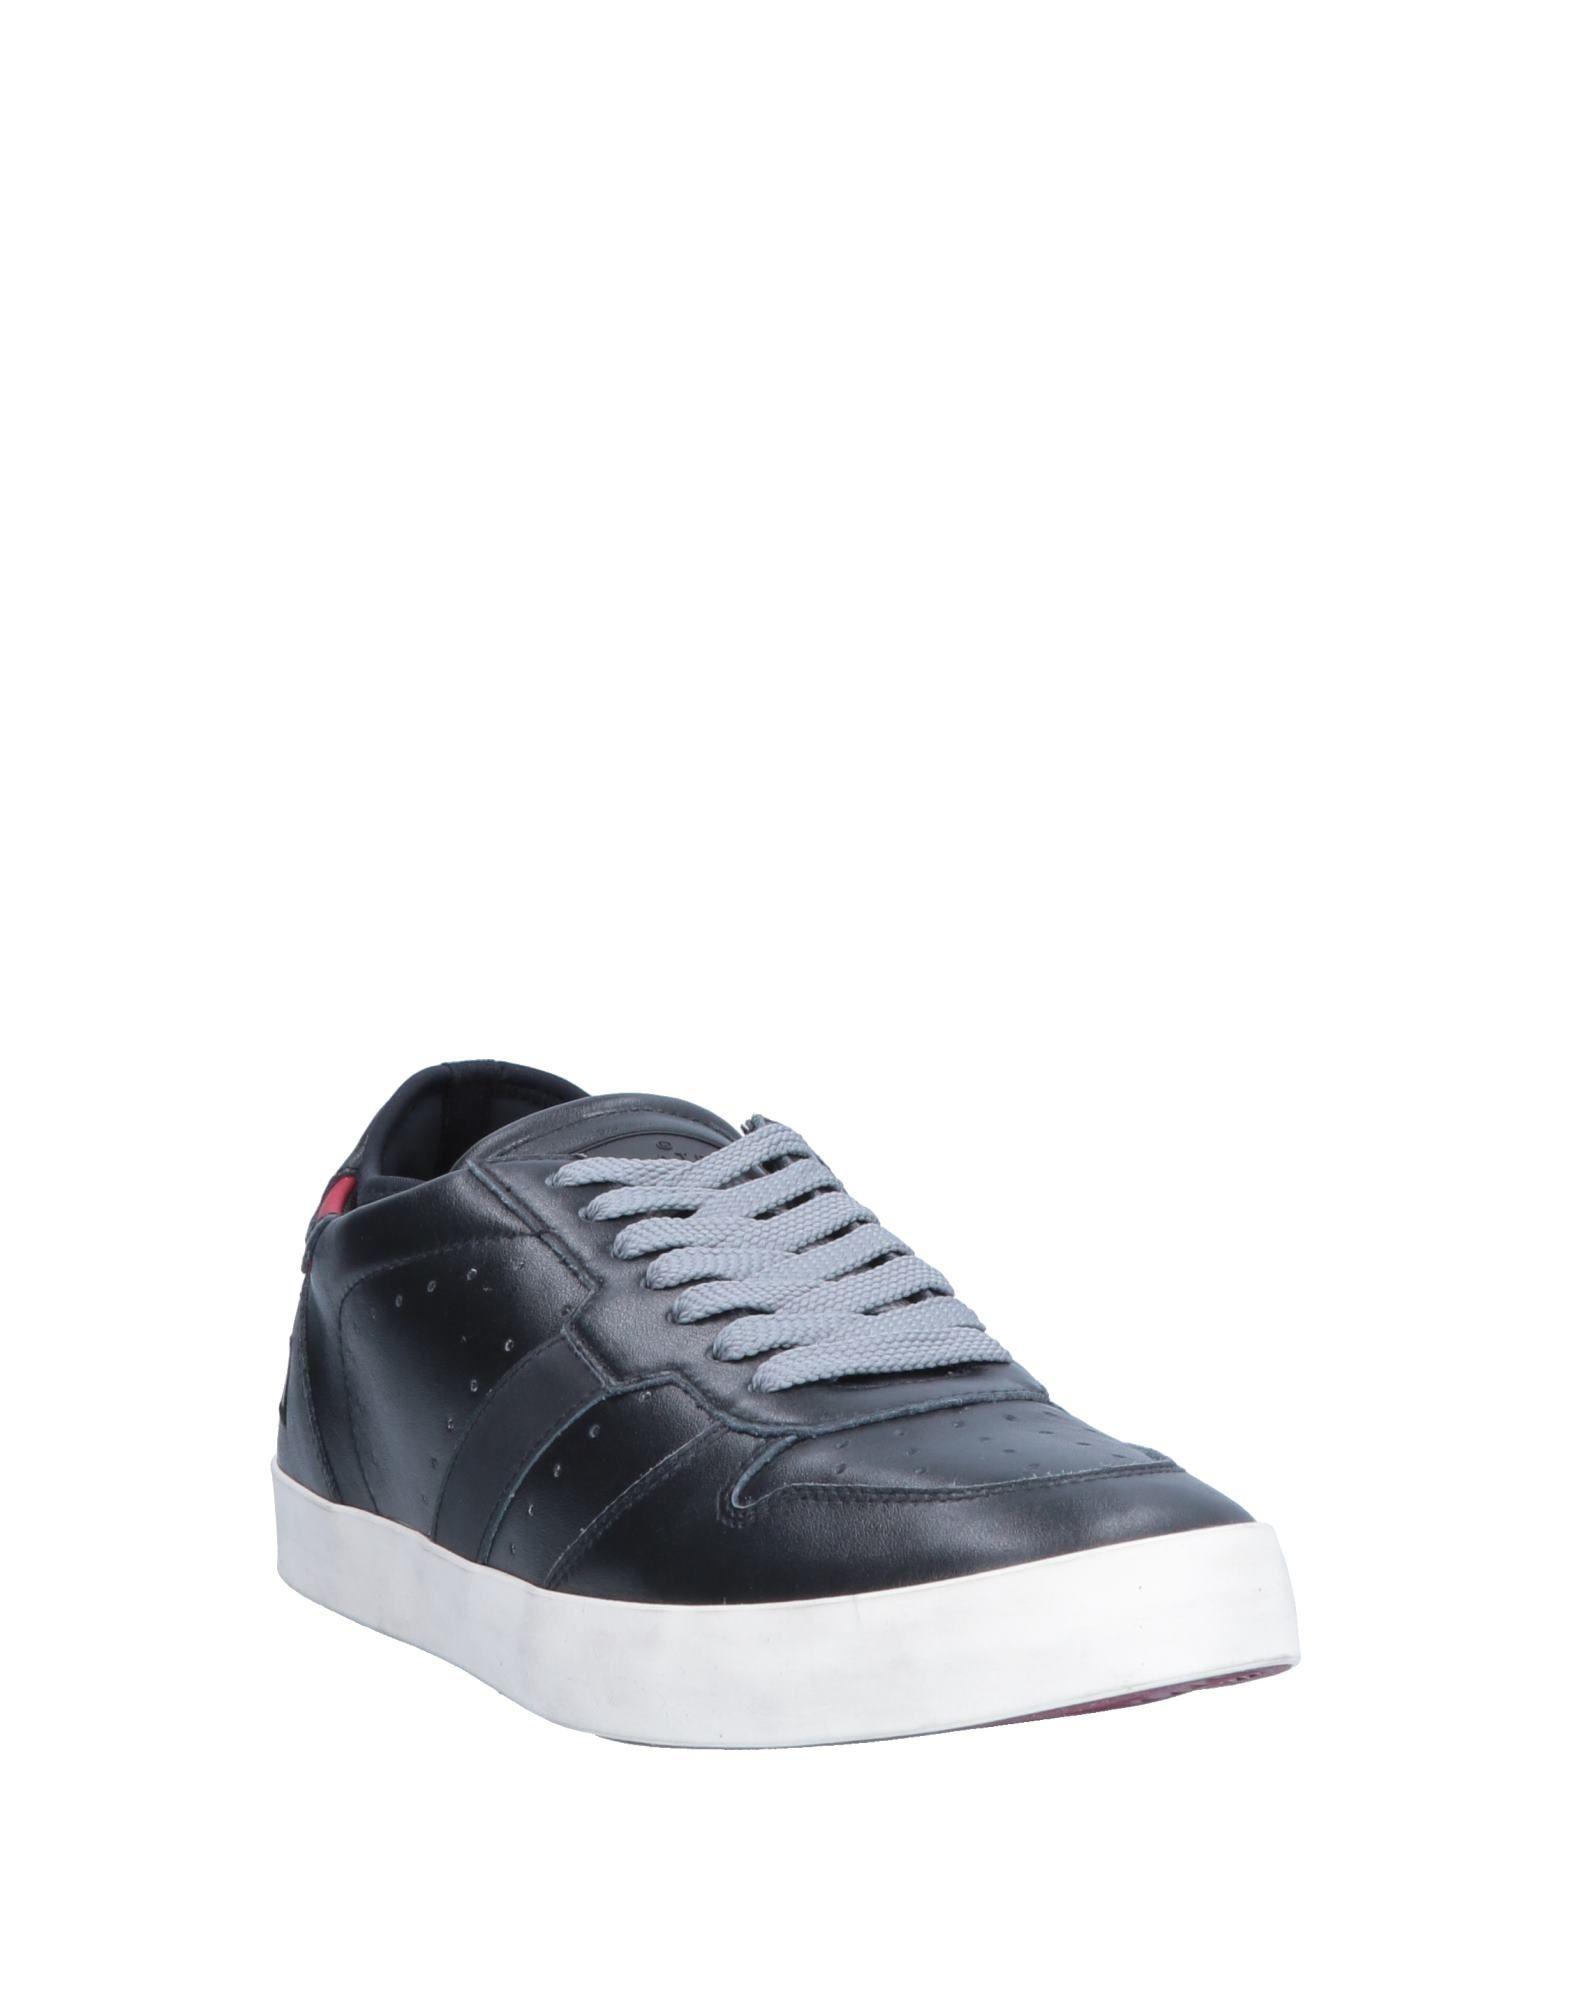 Rabatt echte  Schuhe D.A.T.E. Sneakers Herren  echte 11556769LI 8a21fc